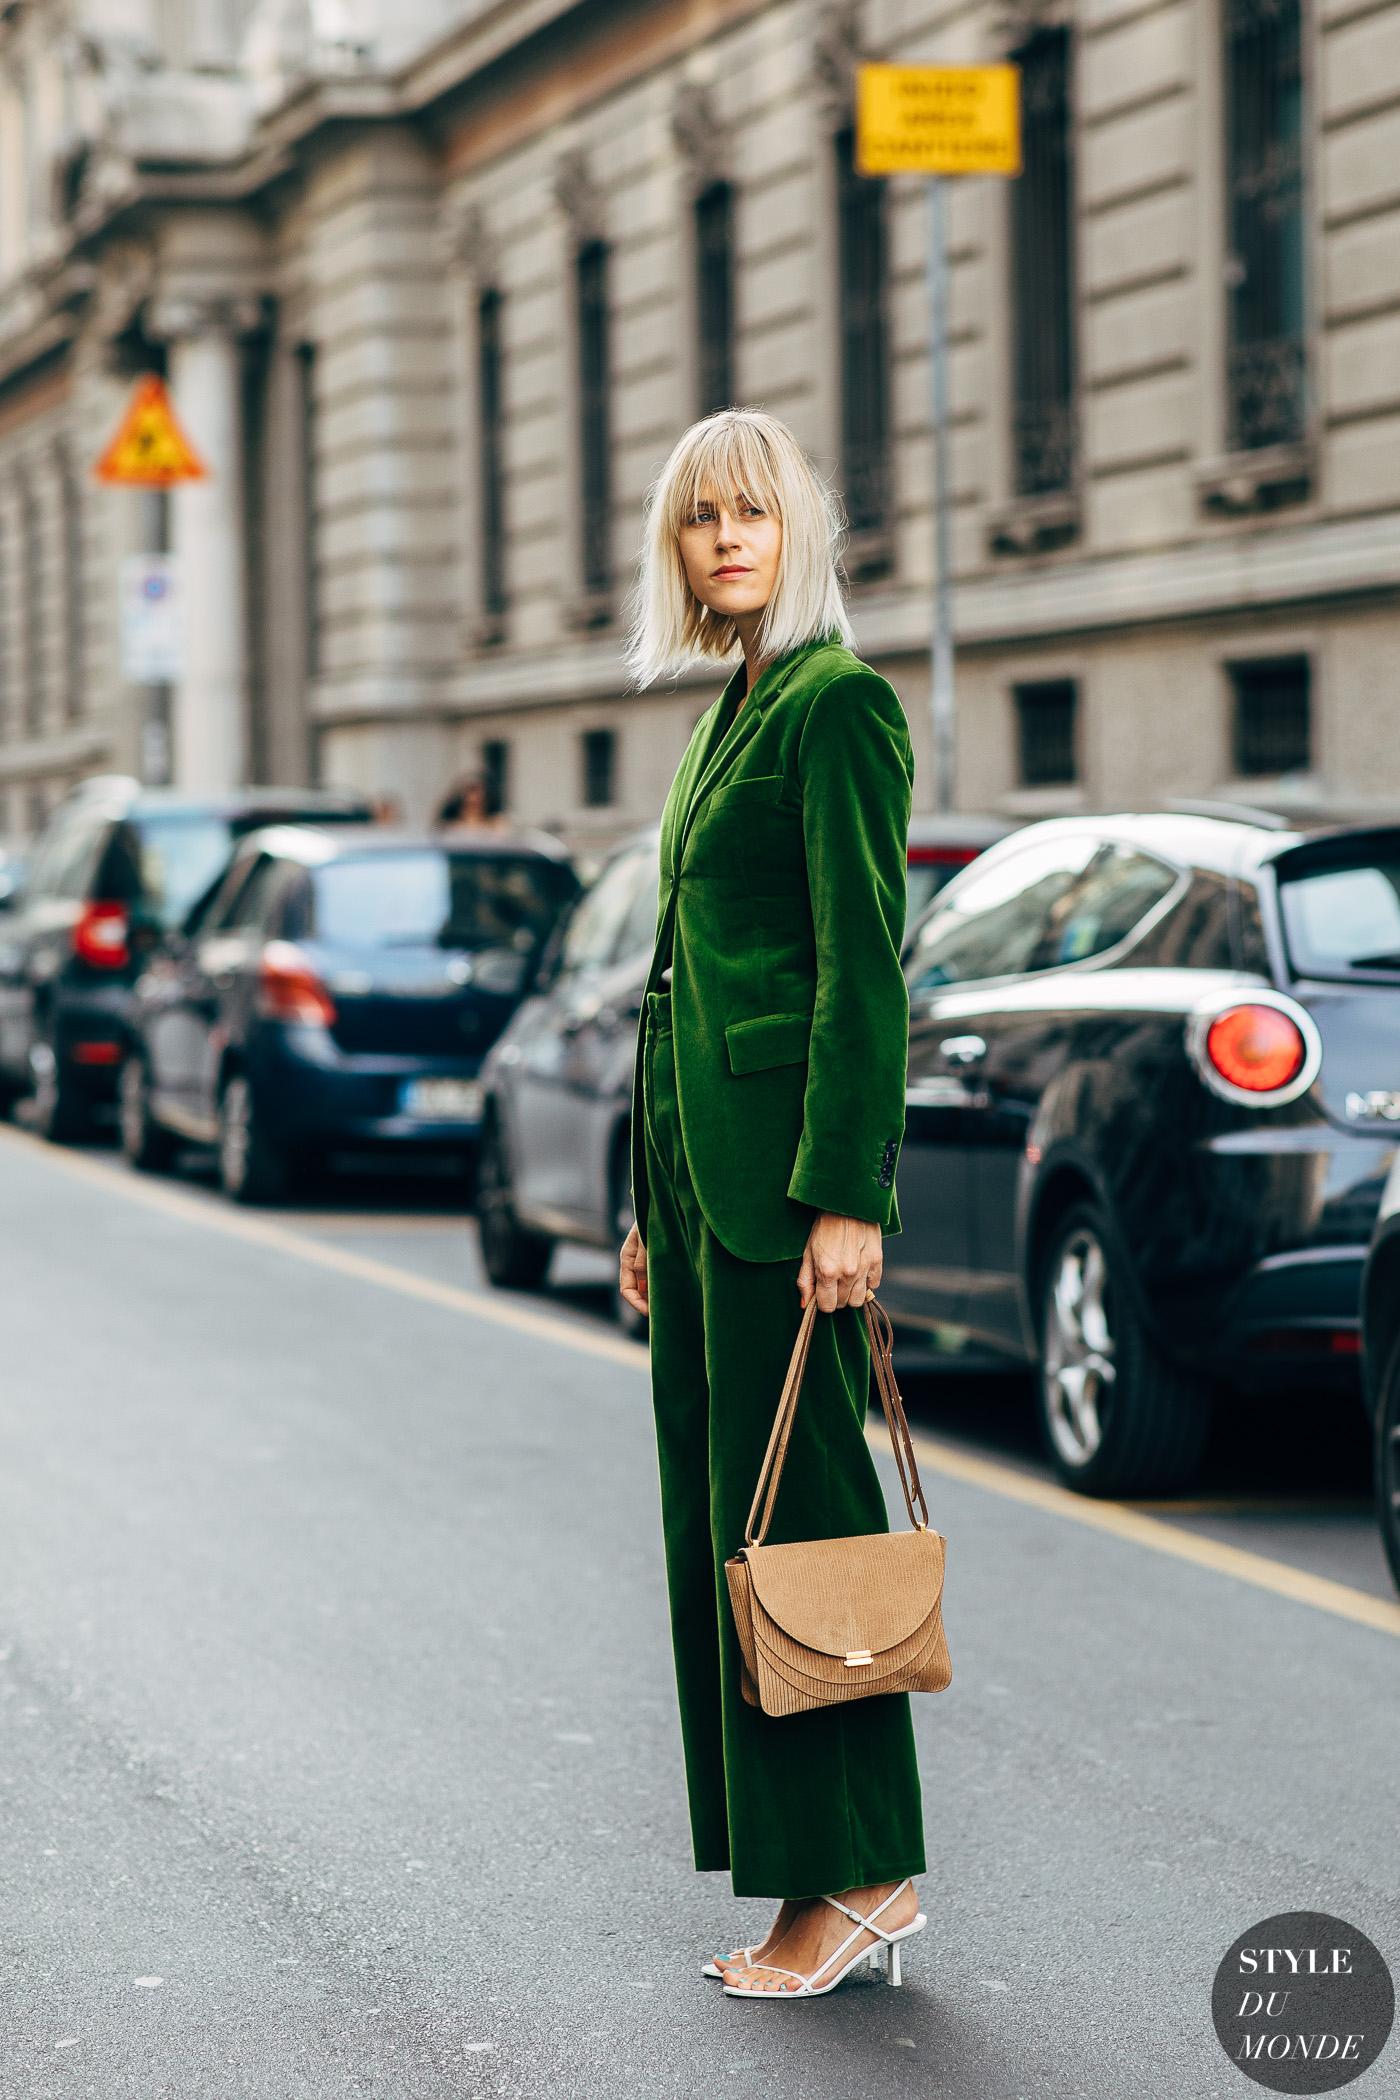 Suit xanh lá vải nhung thời trang mùa Thu.